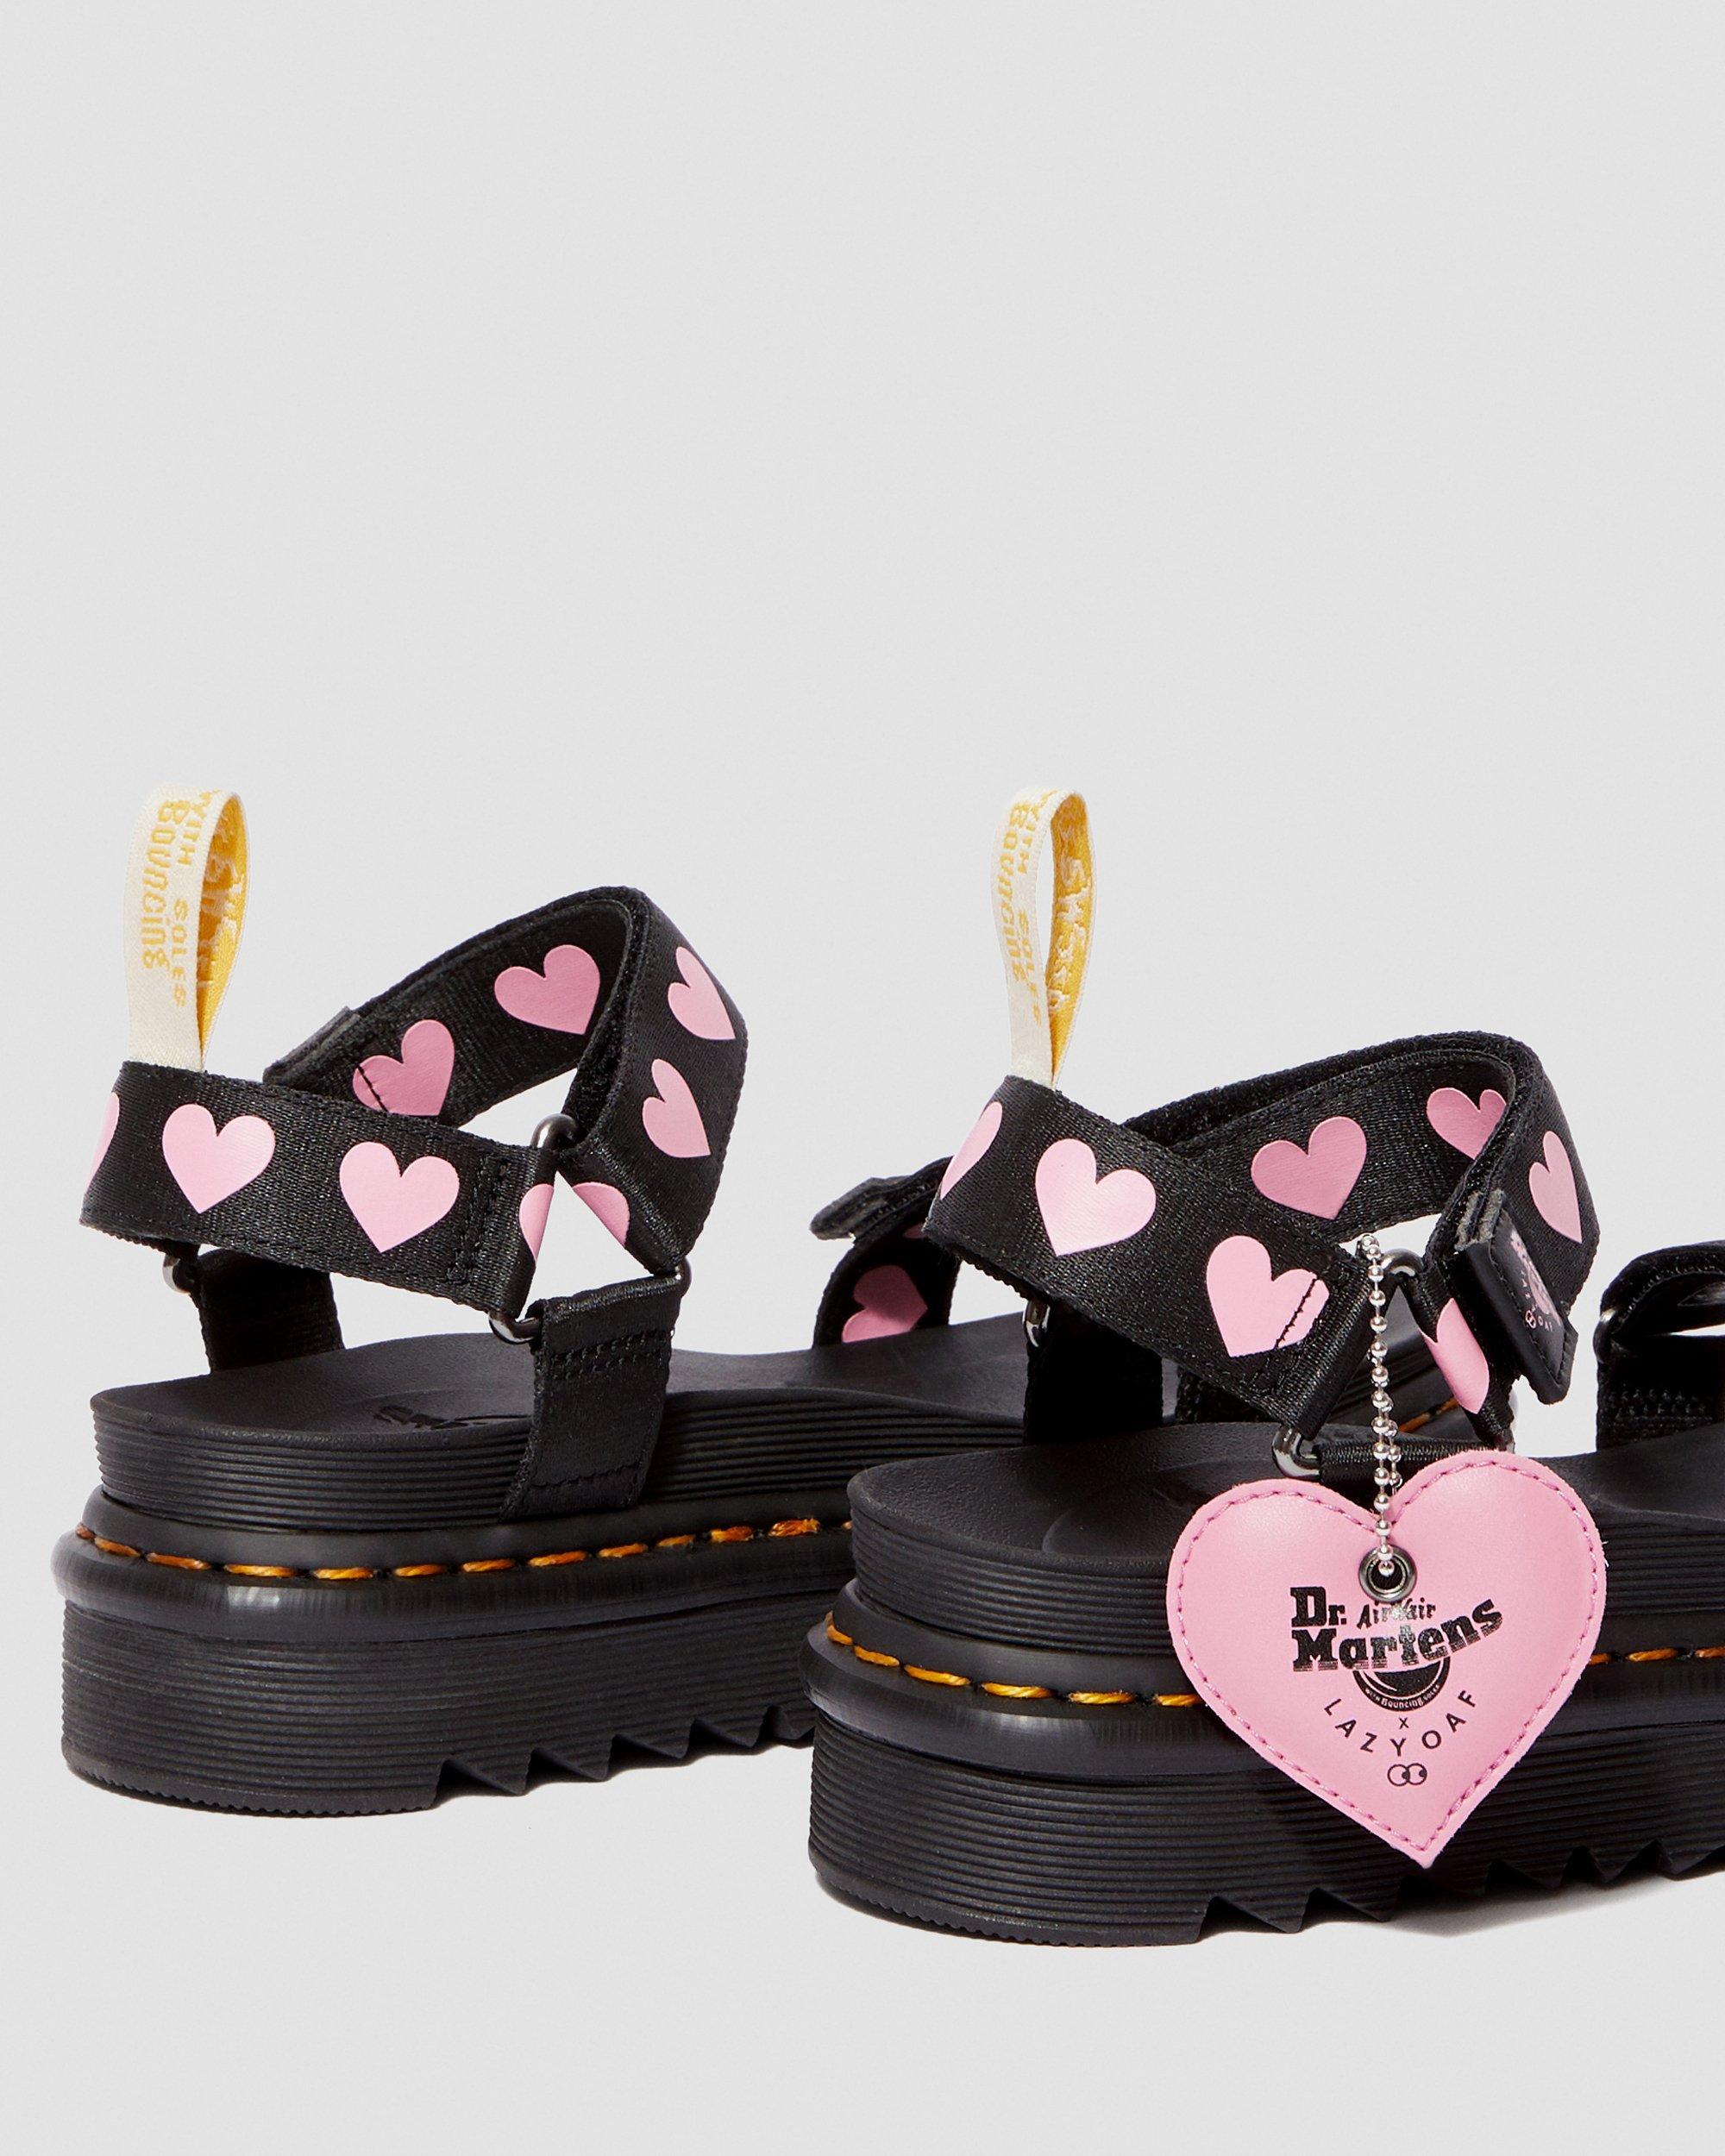 dr martens lazy oaf sandals